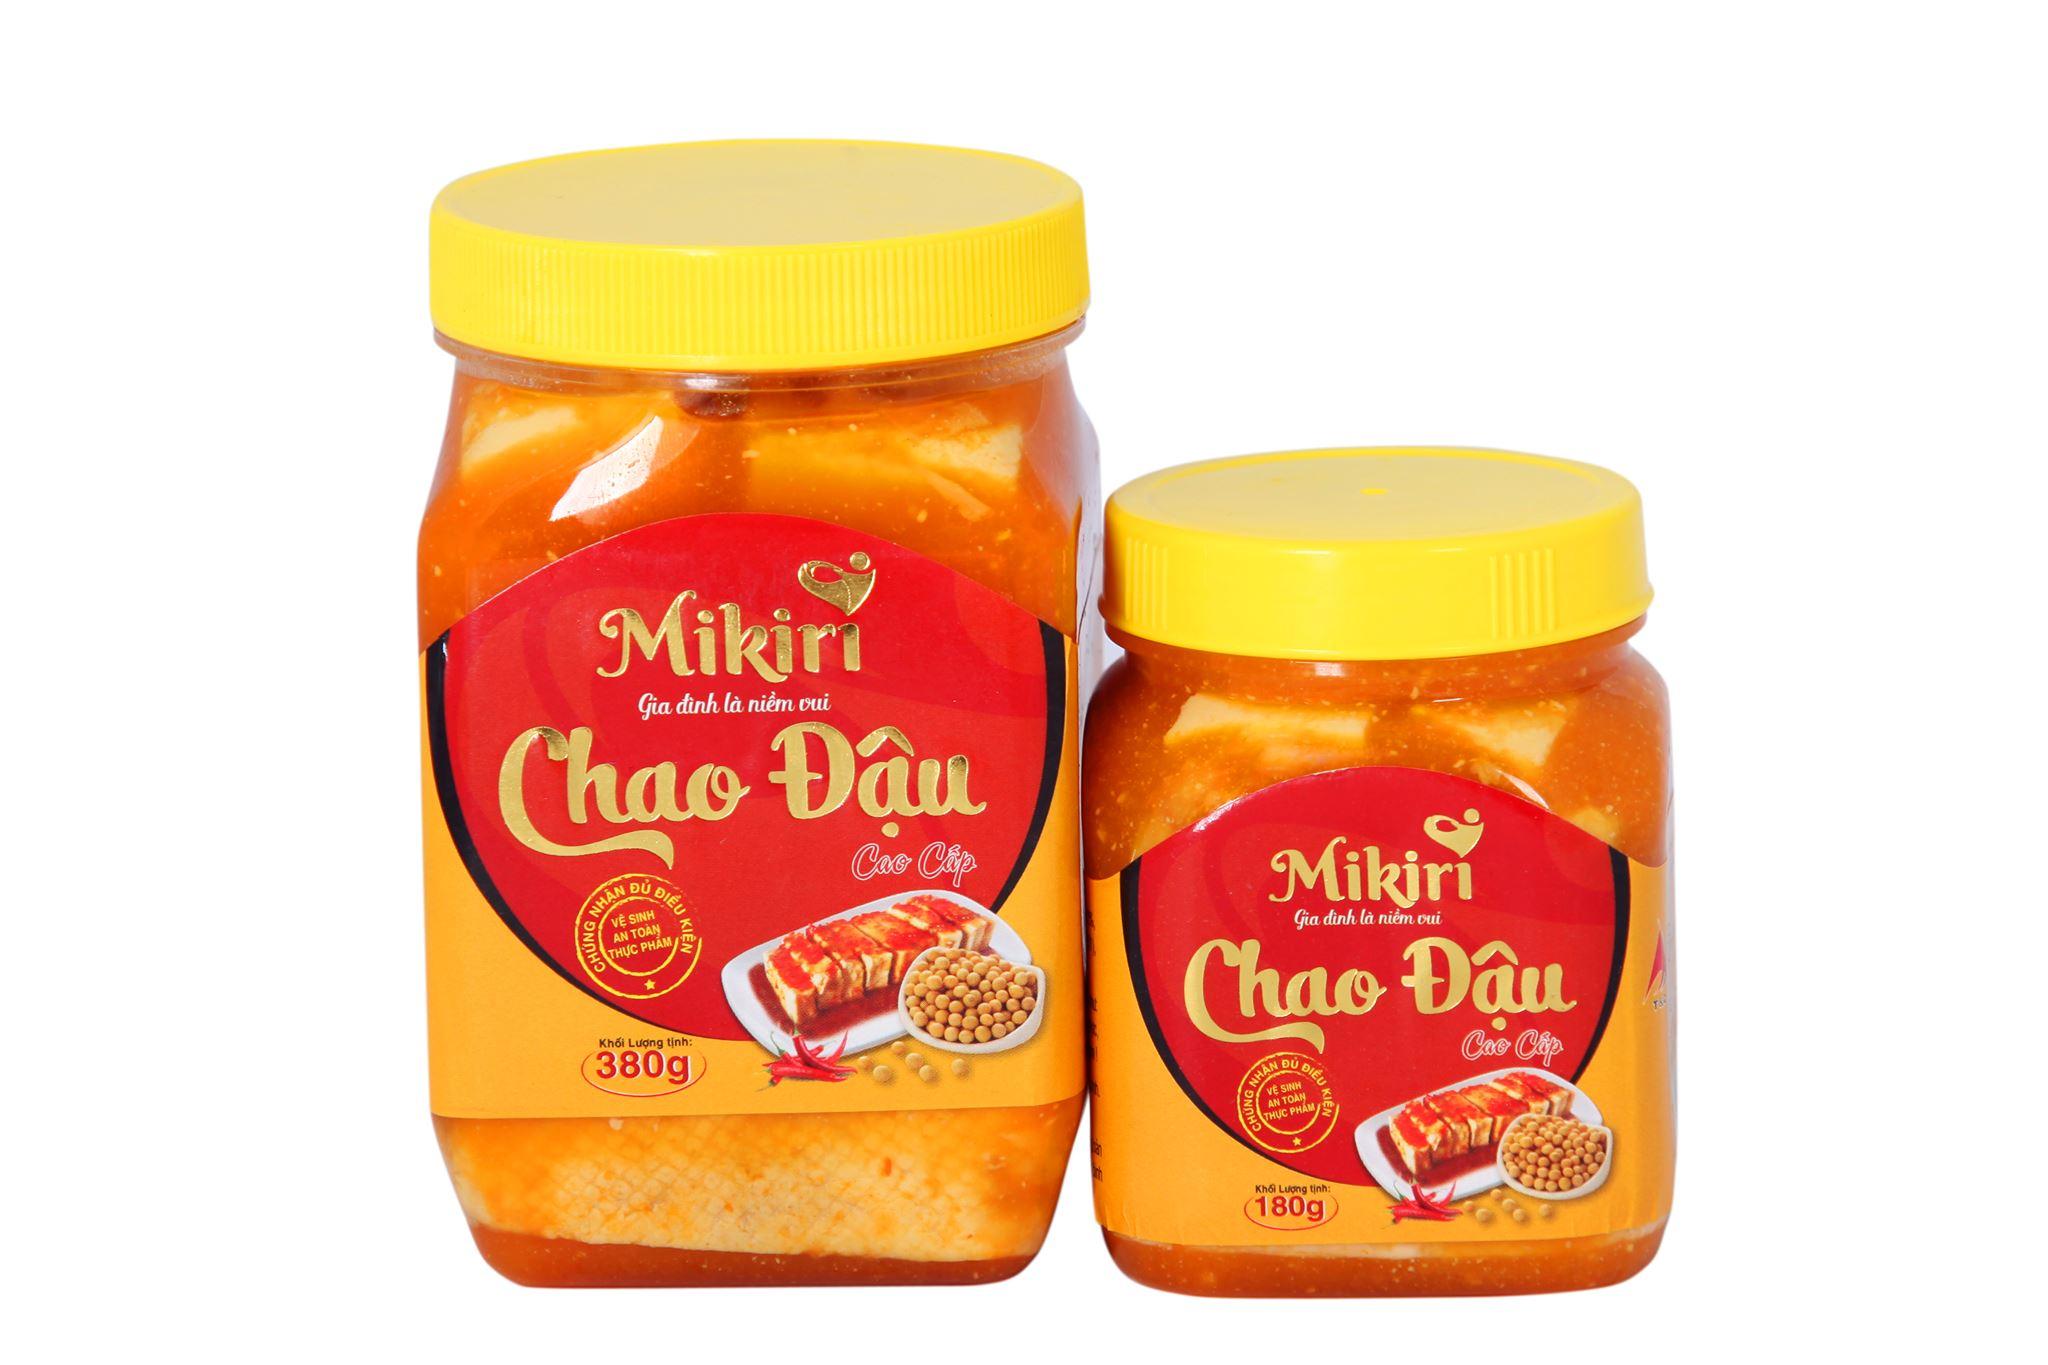 Quán ăn, ẩm thực: Chao Mikiri - Món ăn lên men với công nghệ hiện đại. Chao-dau-dinh-duong